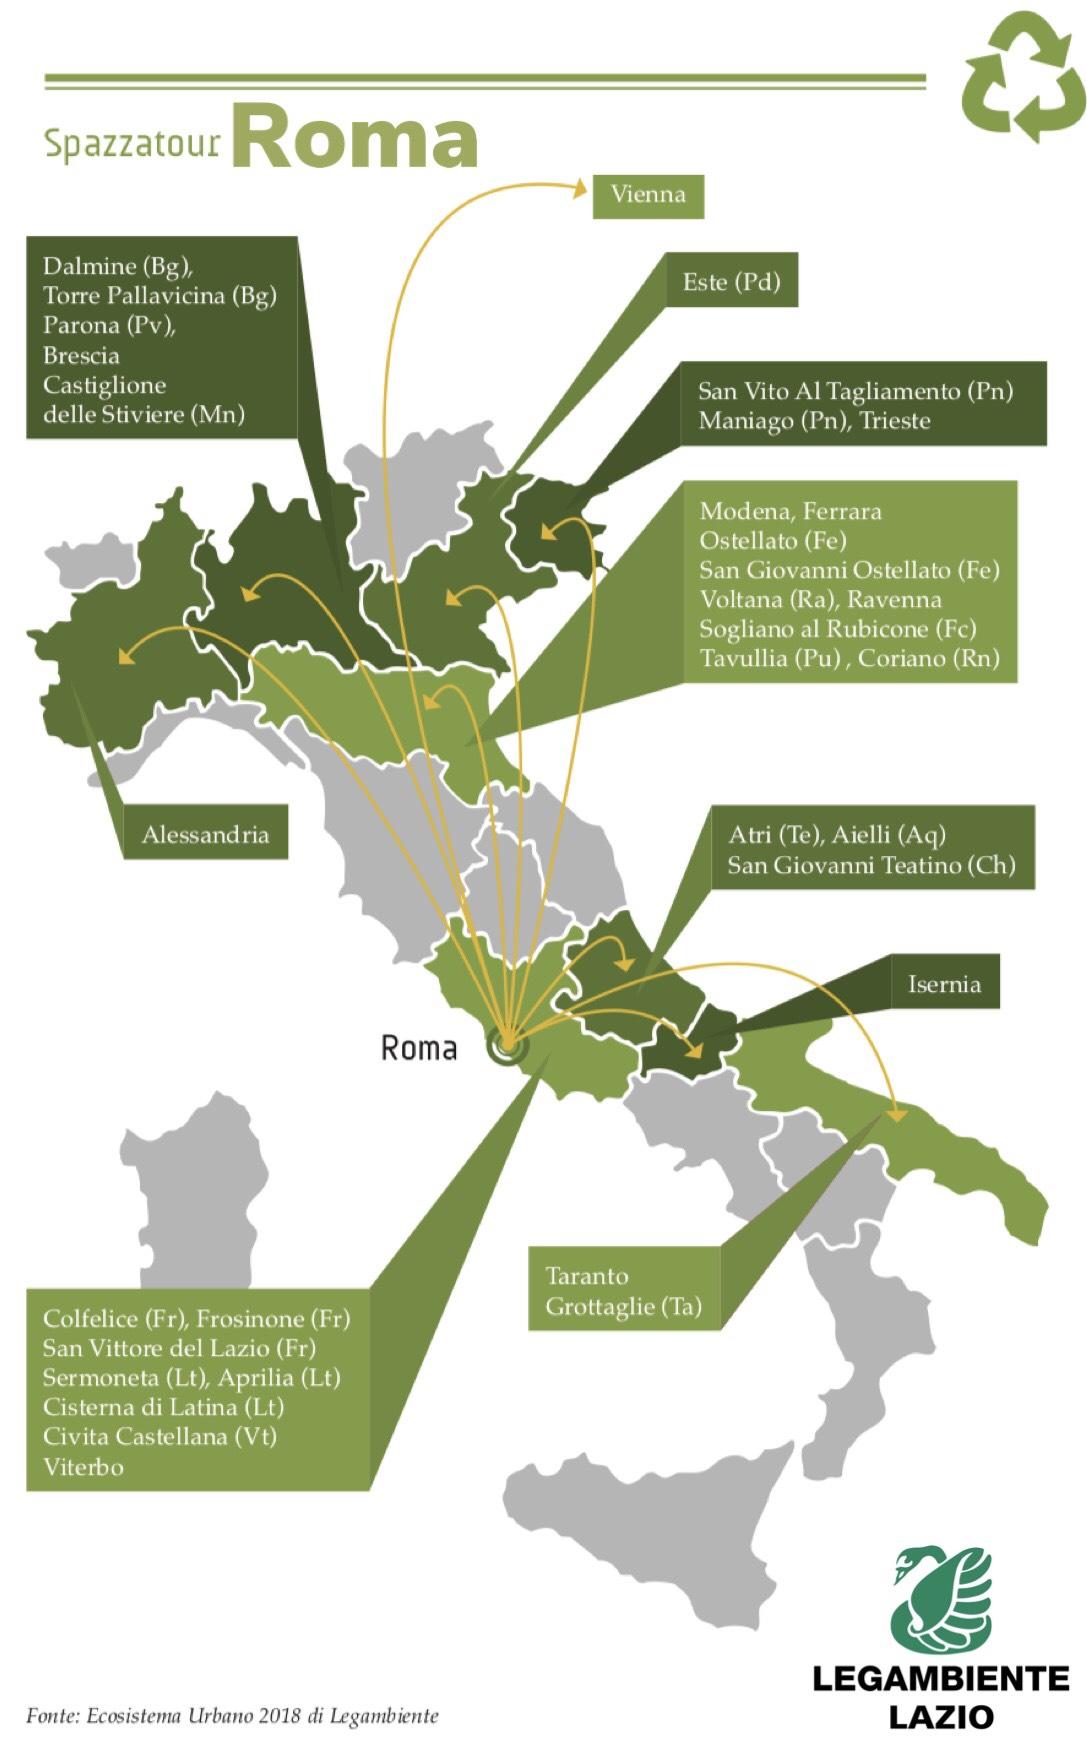 Ecosistema urbano 2018 for Ufficio decoro urbano roma